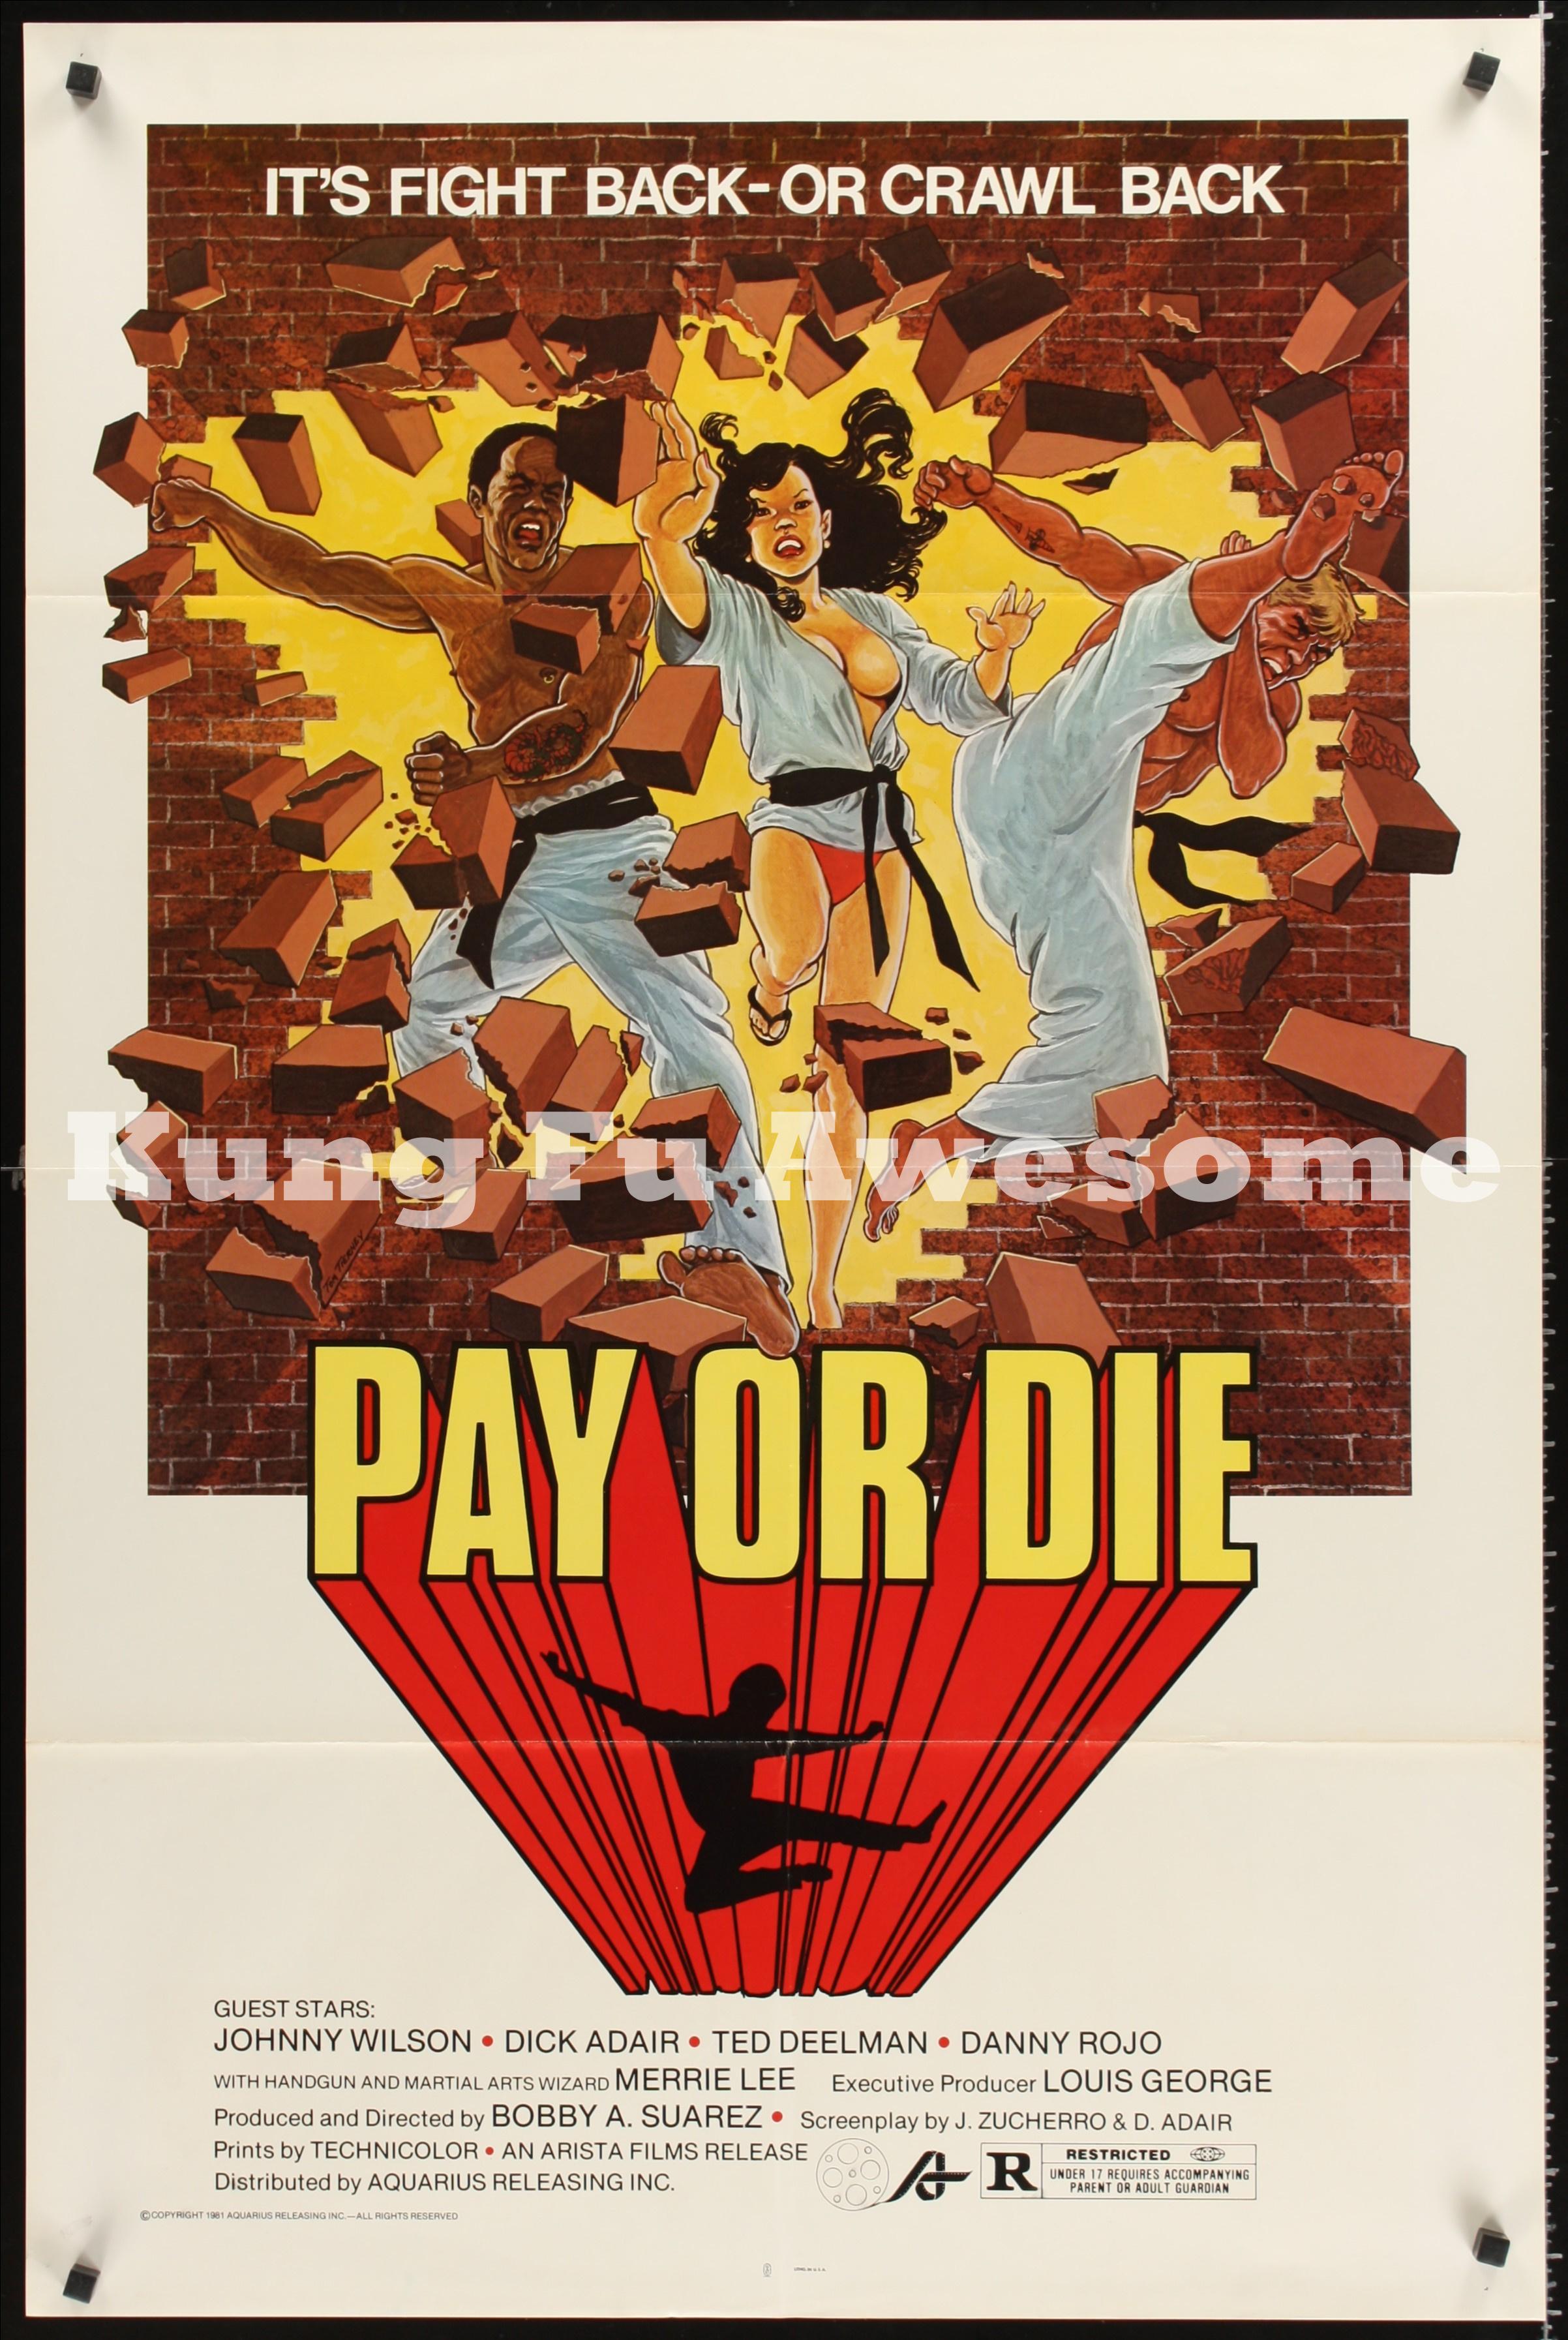 devils_three_the_karate_killers_R81_retitled_JC01436_L.jpg